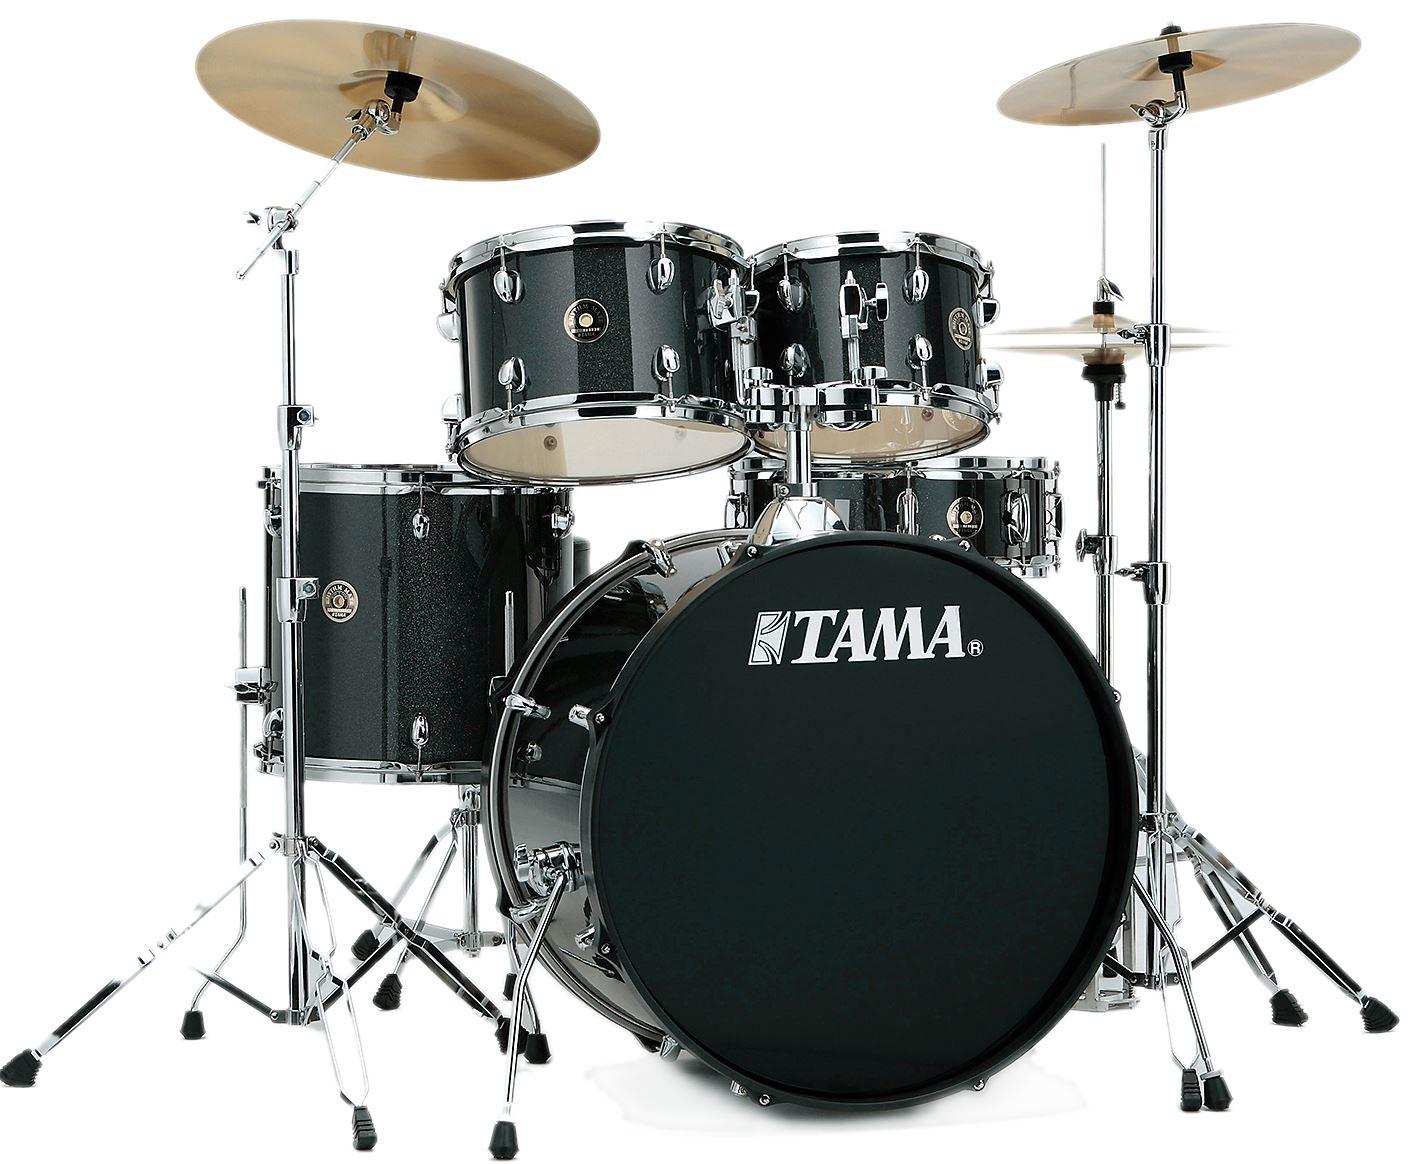 Billede af Tama Rhythm Mate Standard Trommesæt Charcoal mist